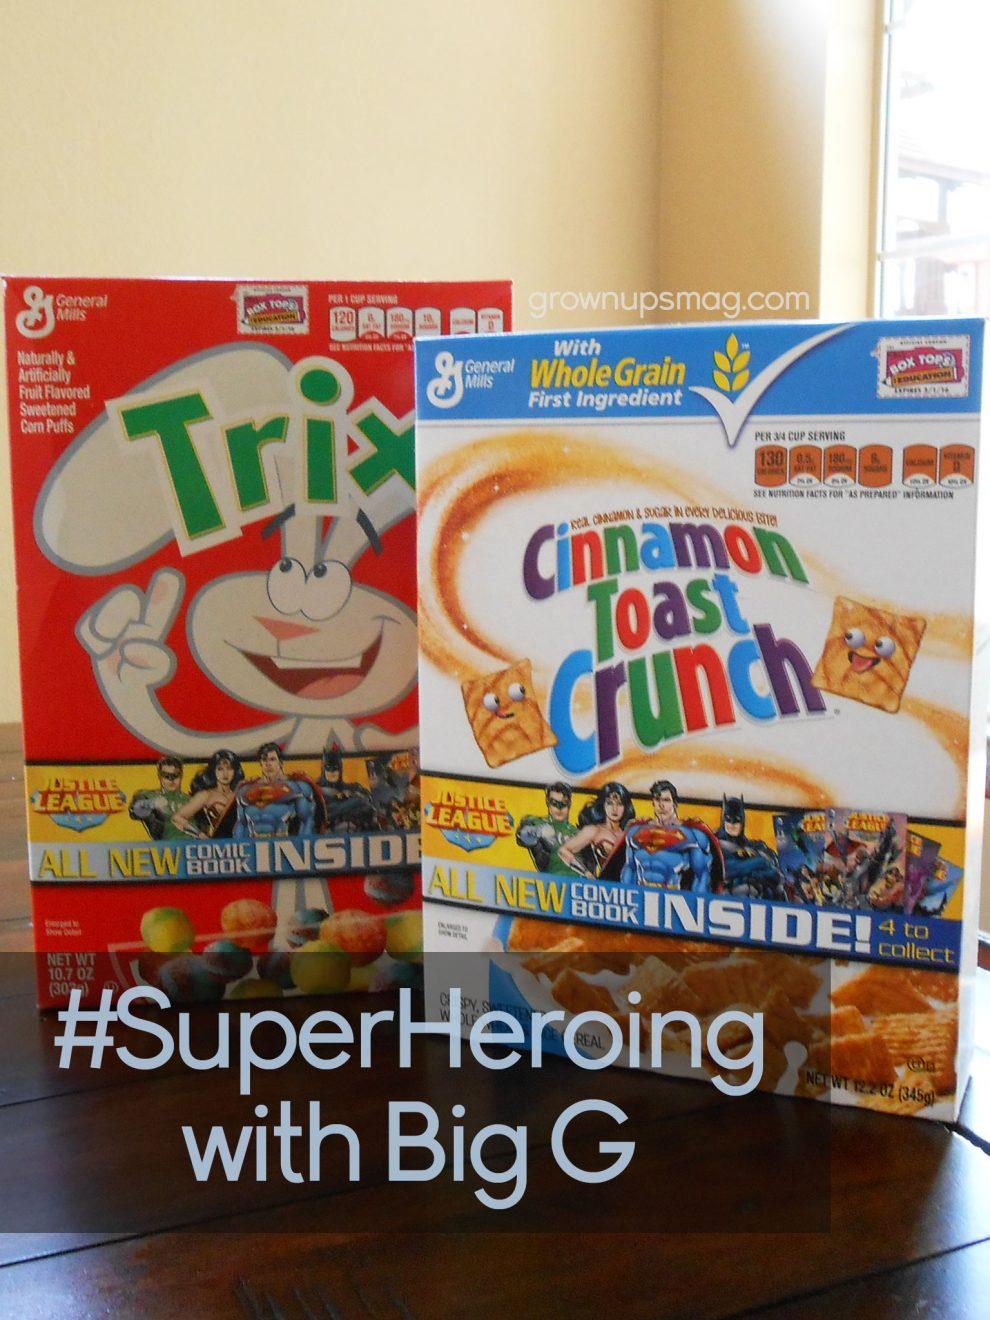 SuperHeroing with Big G